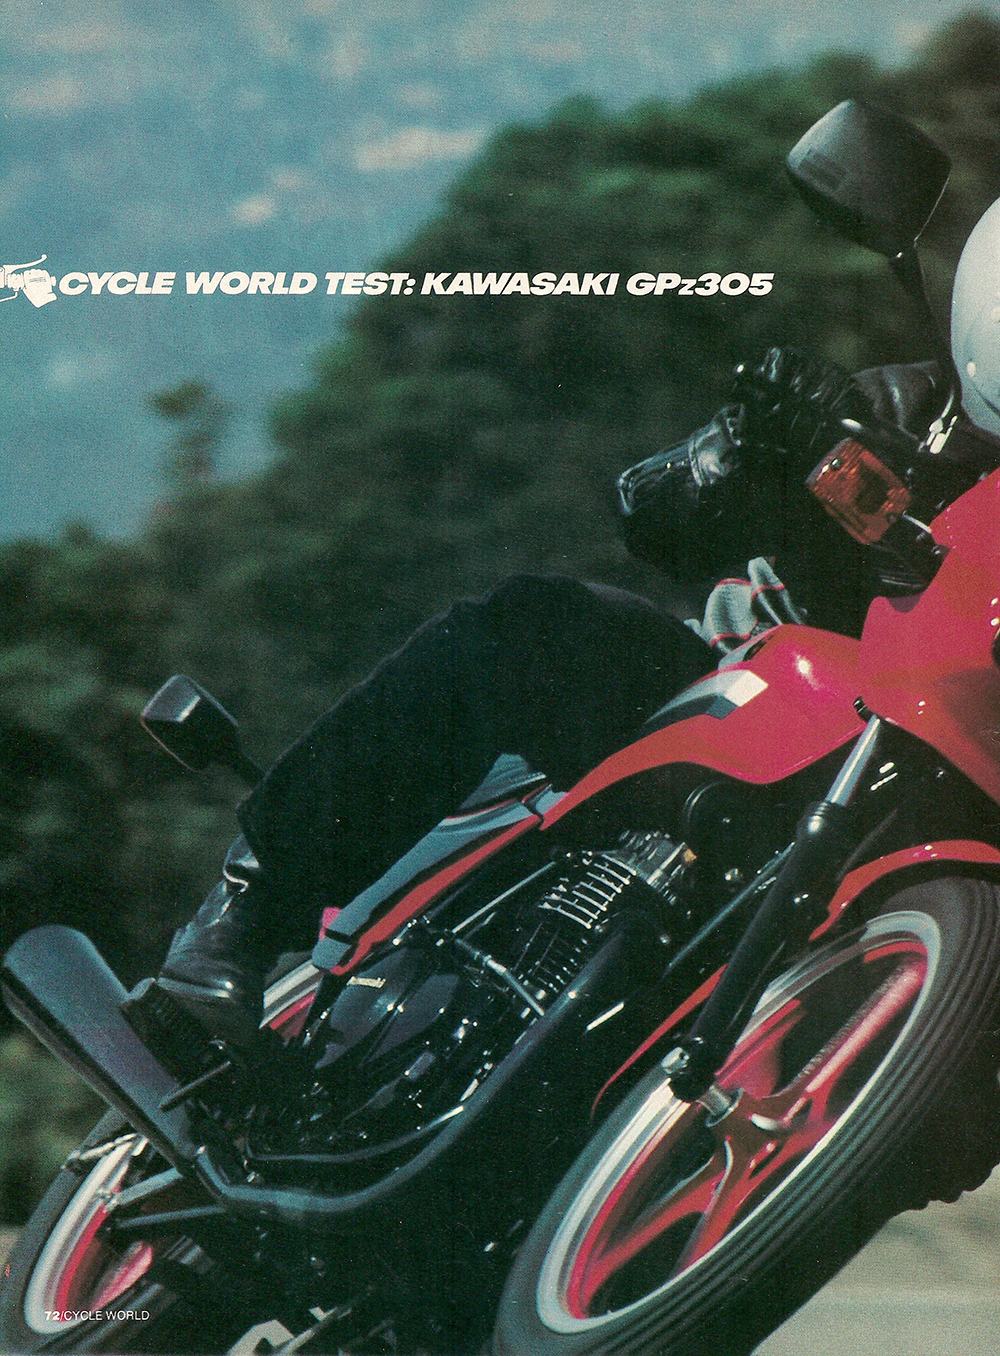 1983 Kawasaki gpz305 01.jpg